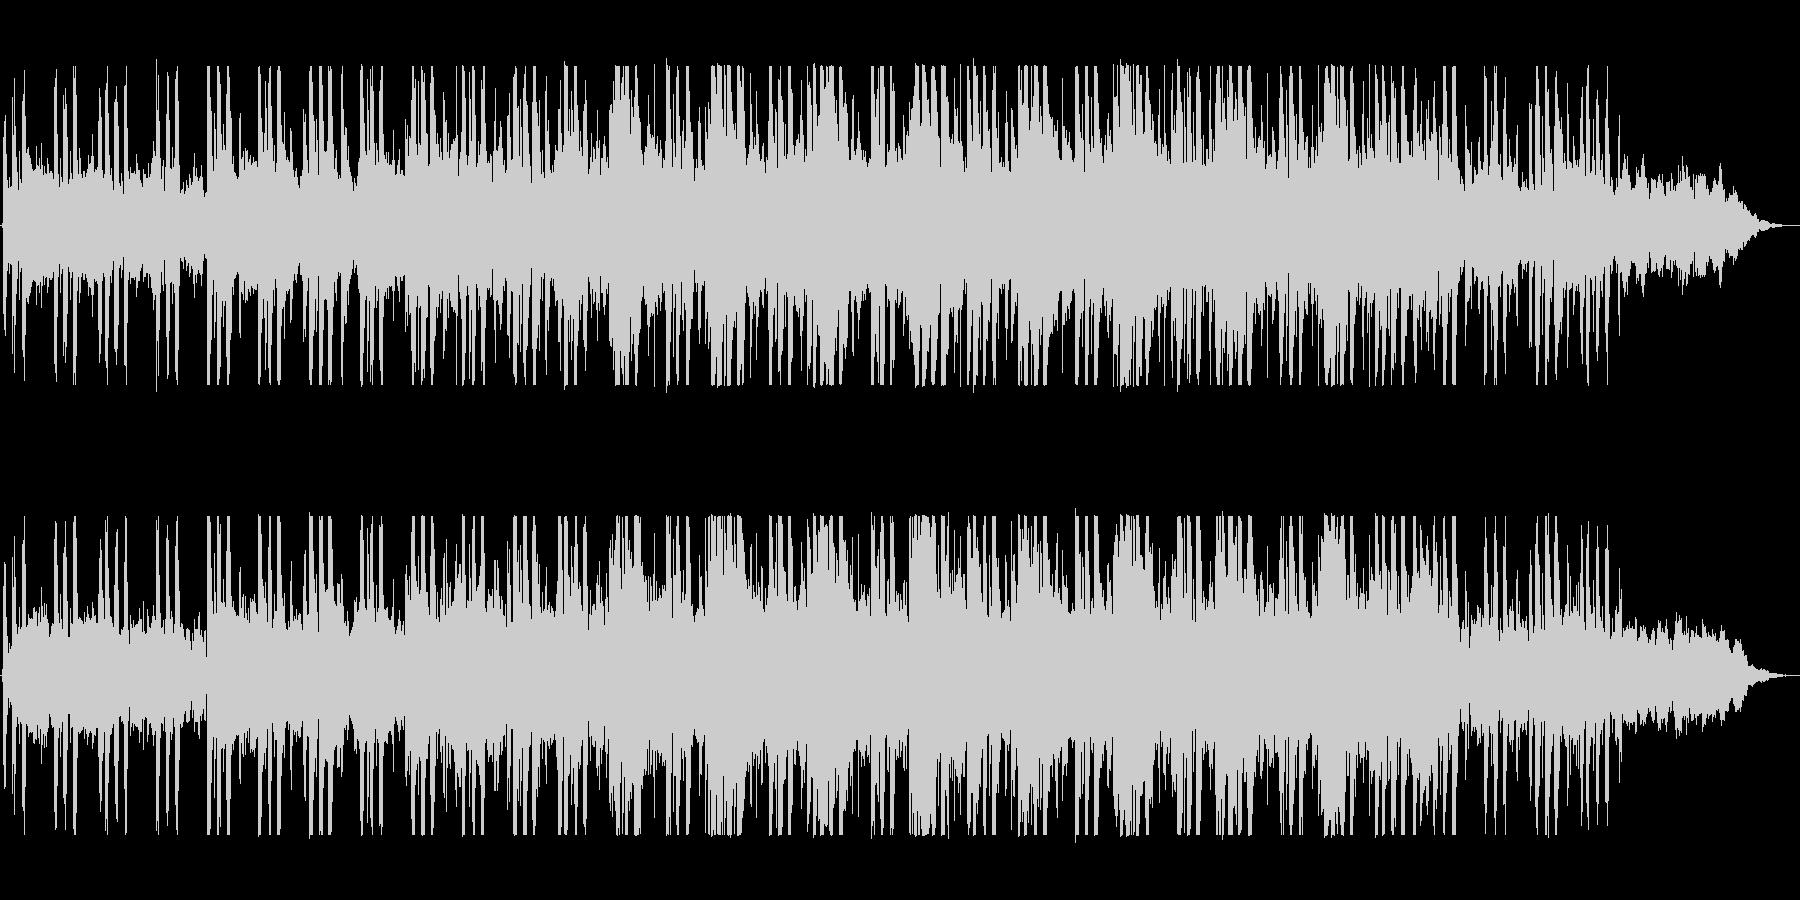 神秘的でゆったりとしたメロディーの未再生の波形